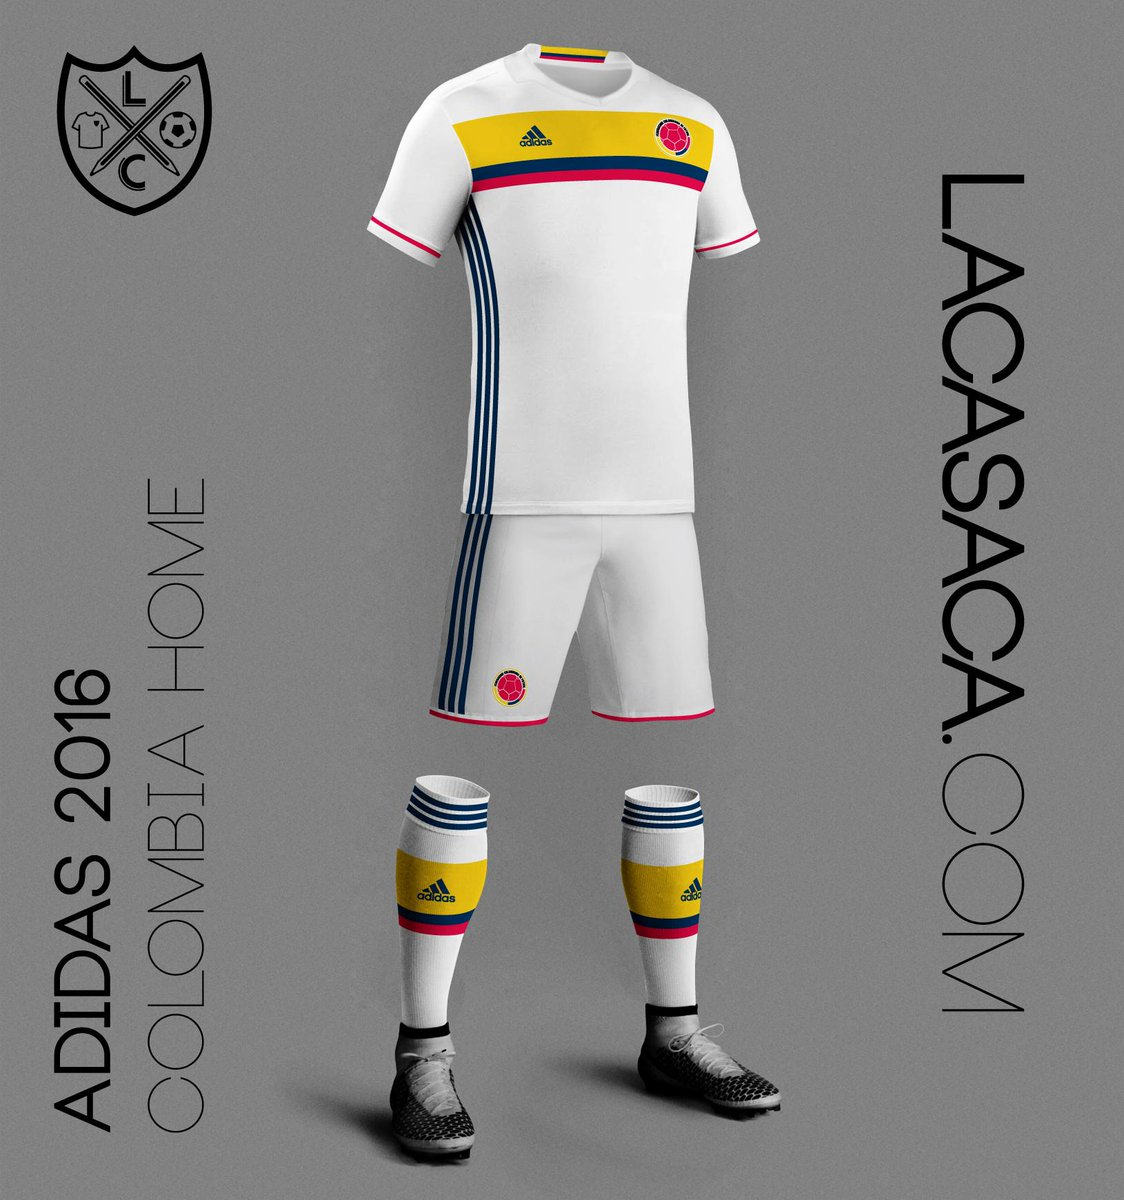 Estamos trabajando en opciones de camisetas Adidas de selecciones  nacionales afce478adcc49